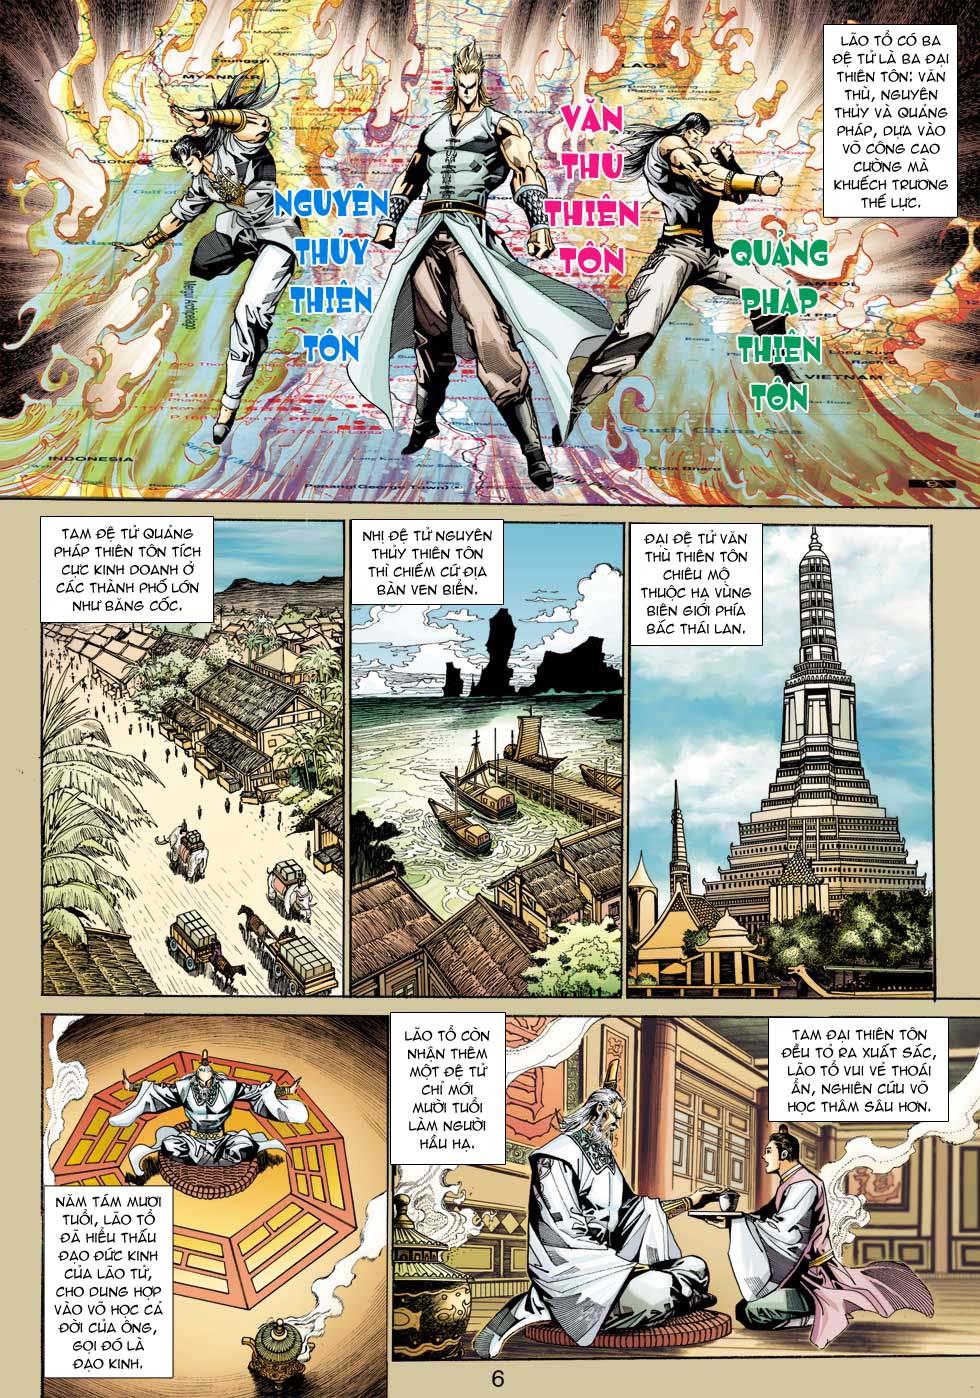 Tân Tác Long Hổ Môn chap 343 - Trang 6